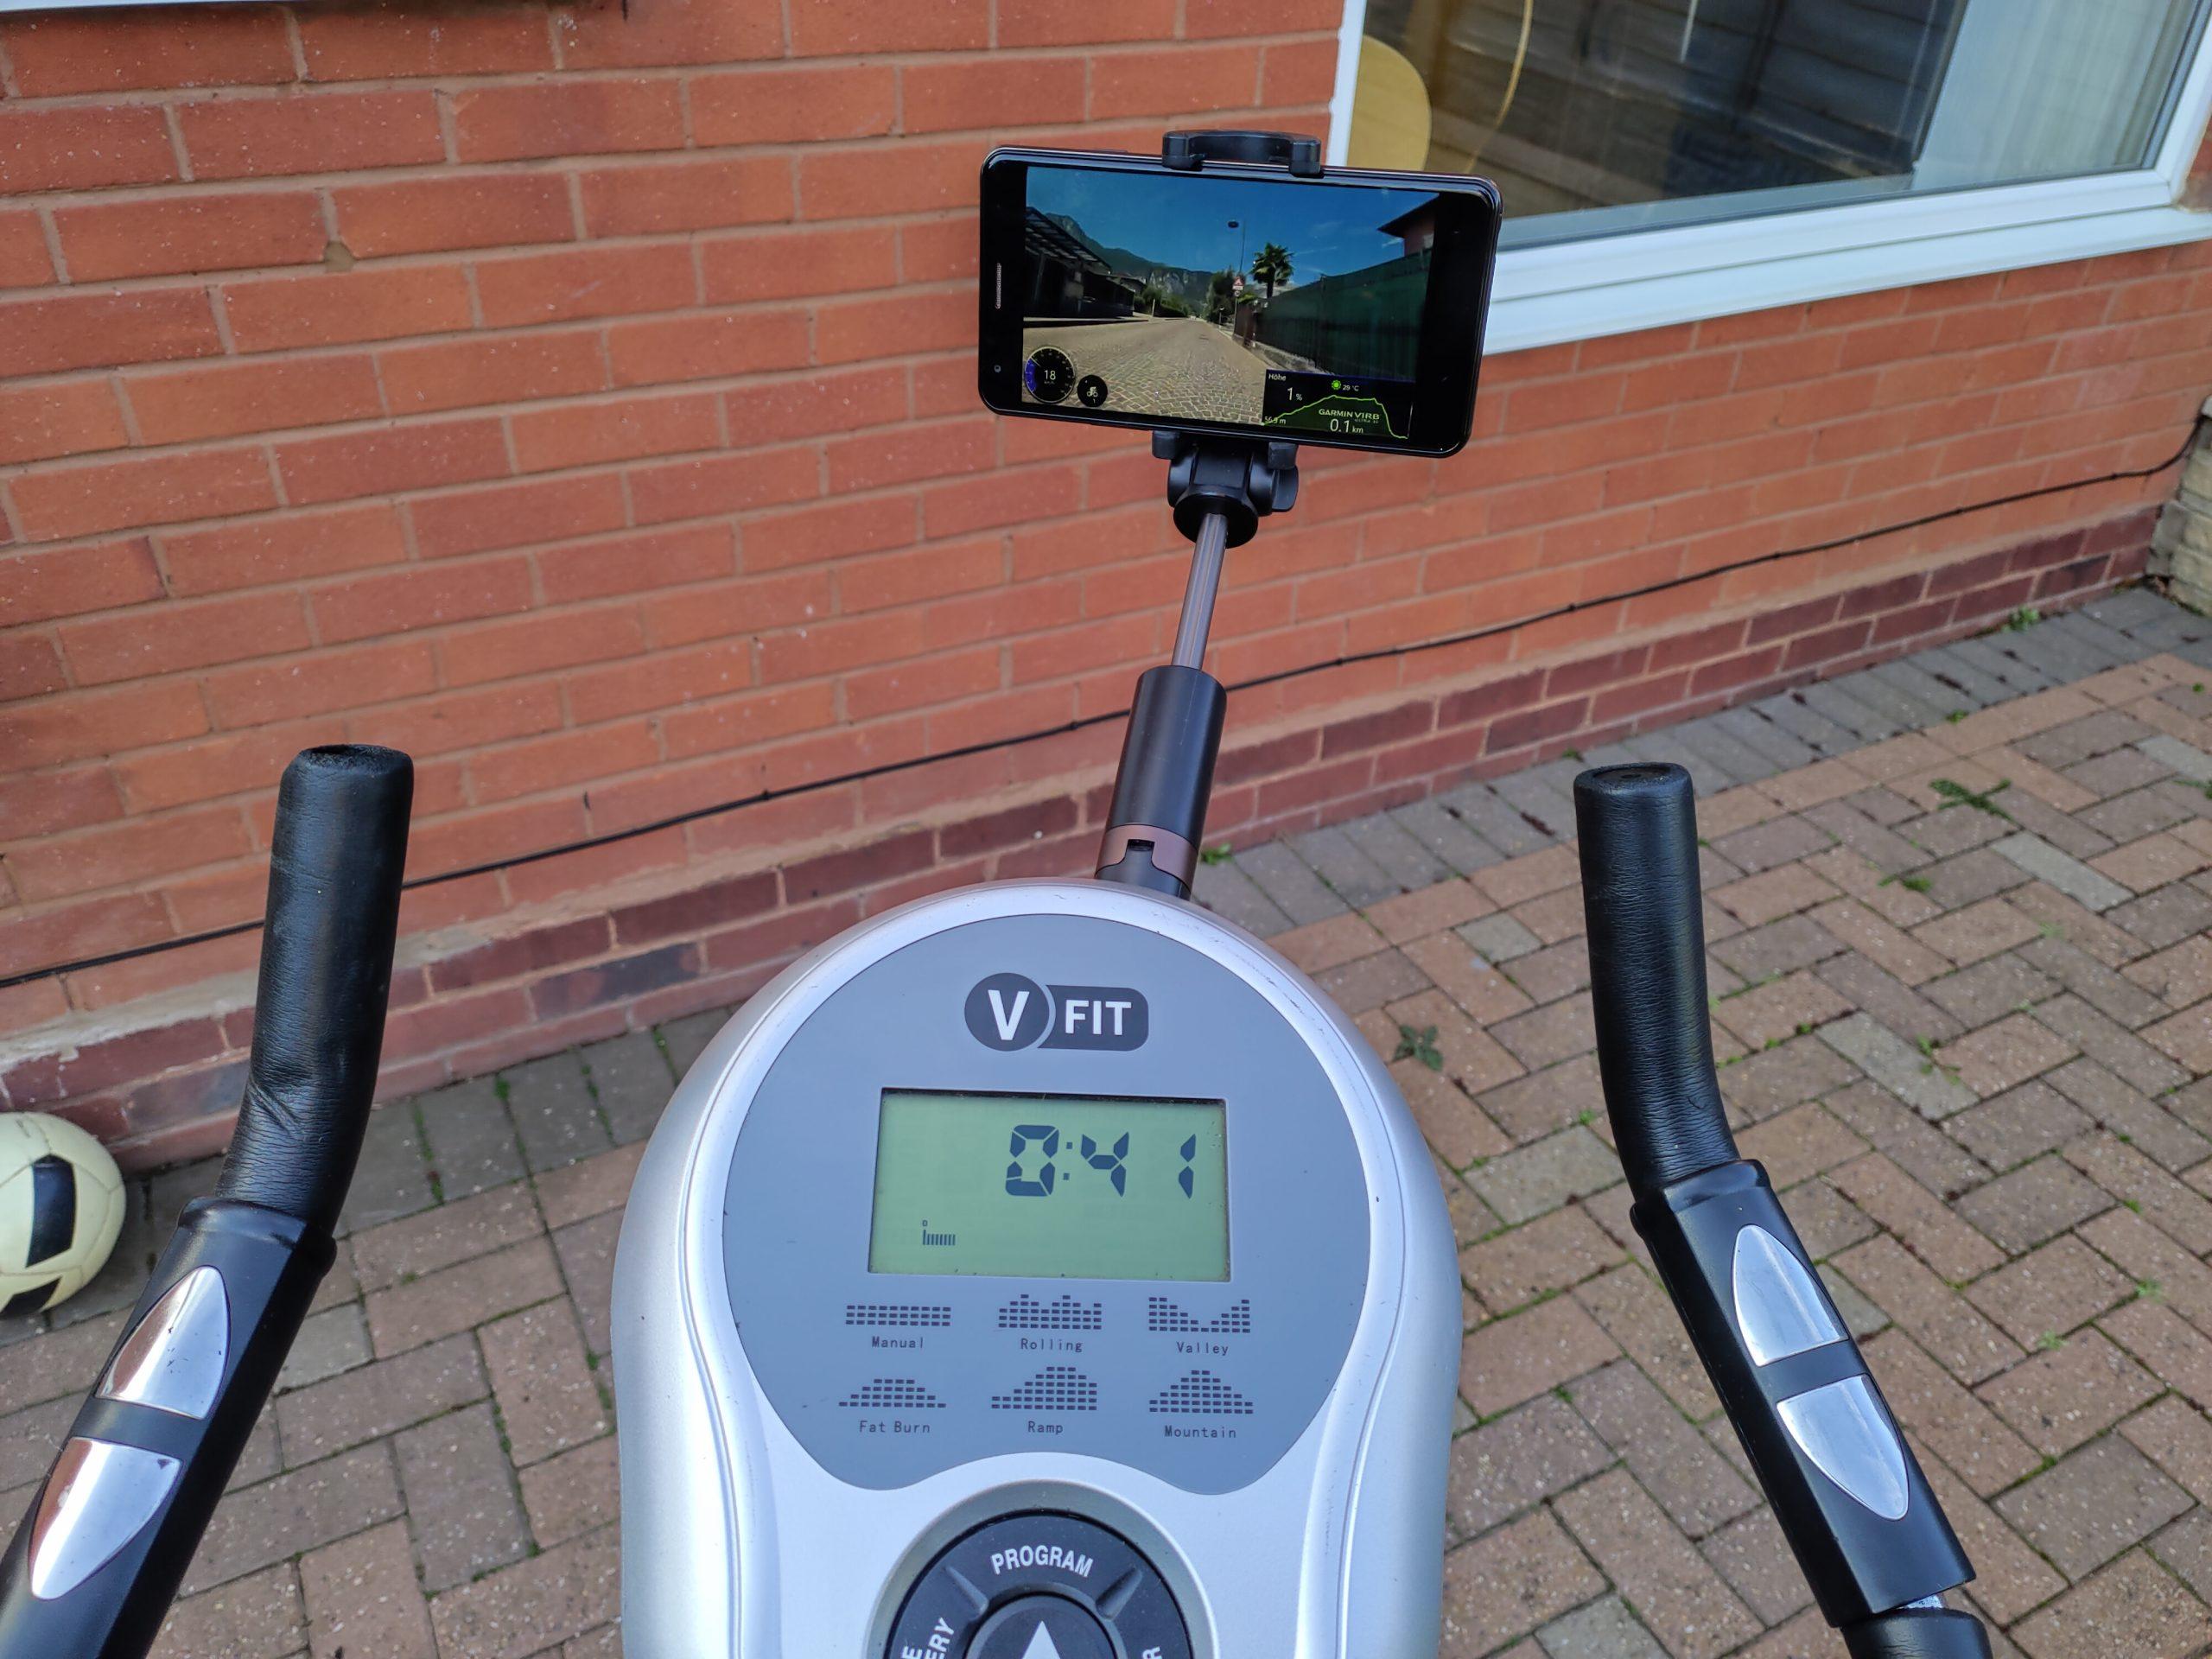 Ativo em casa - fique em casa, mas mantenha-se saudável. Adicionando uma tela a uma bicicleta ergométrica antiga!